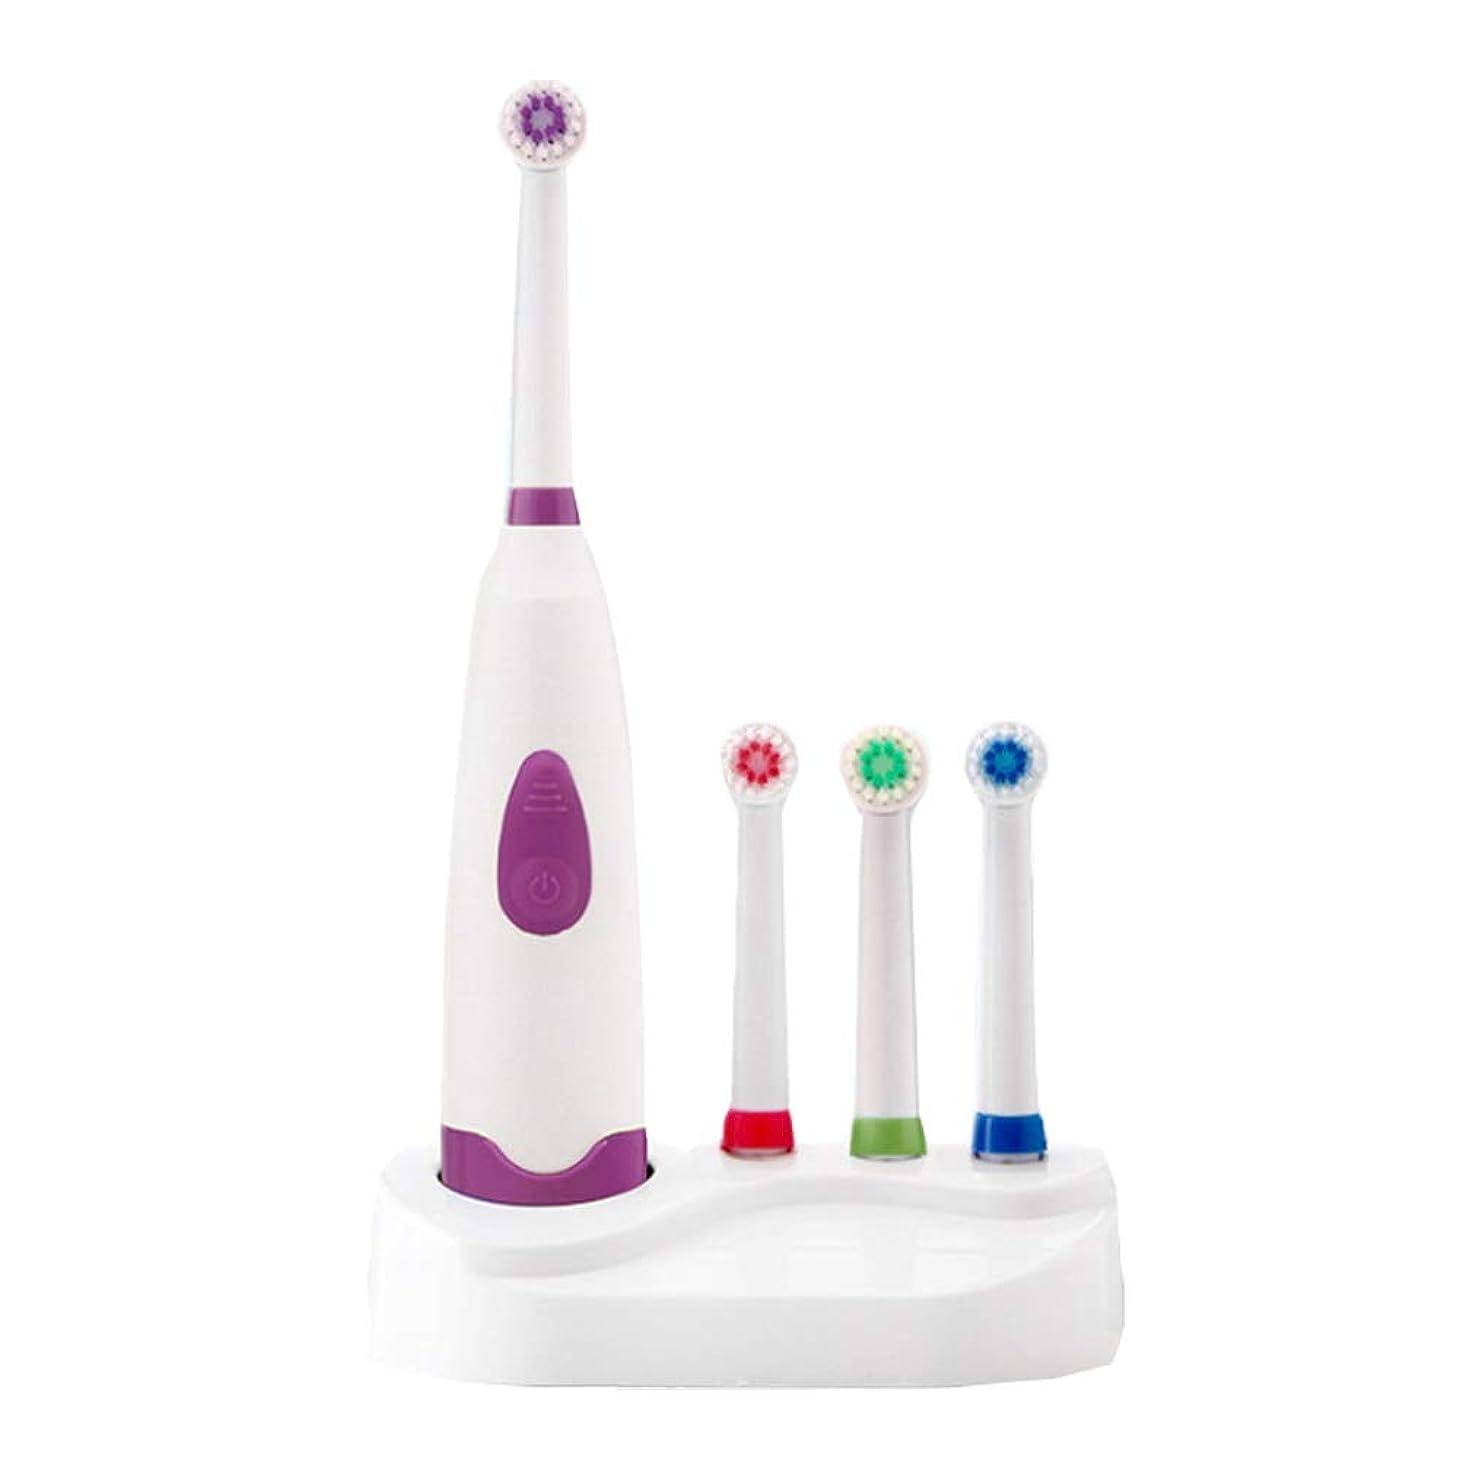 自動電動歯ブラシIPX7防水超音波ロータリー歯ブラシ4ブラシヘッド大人子供電動歯ブラシ,Purple